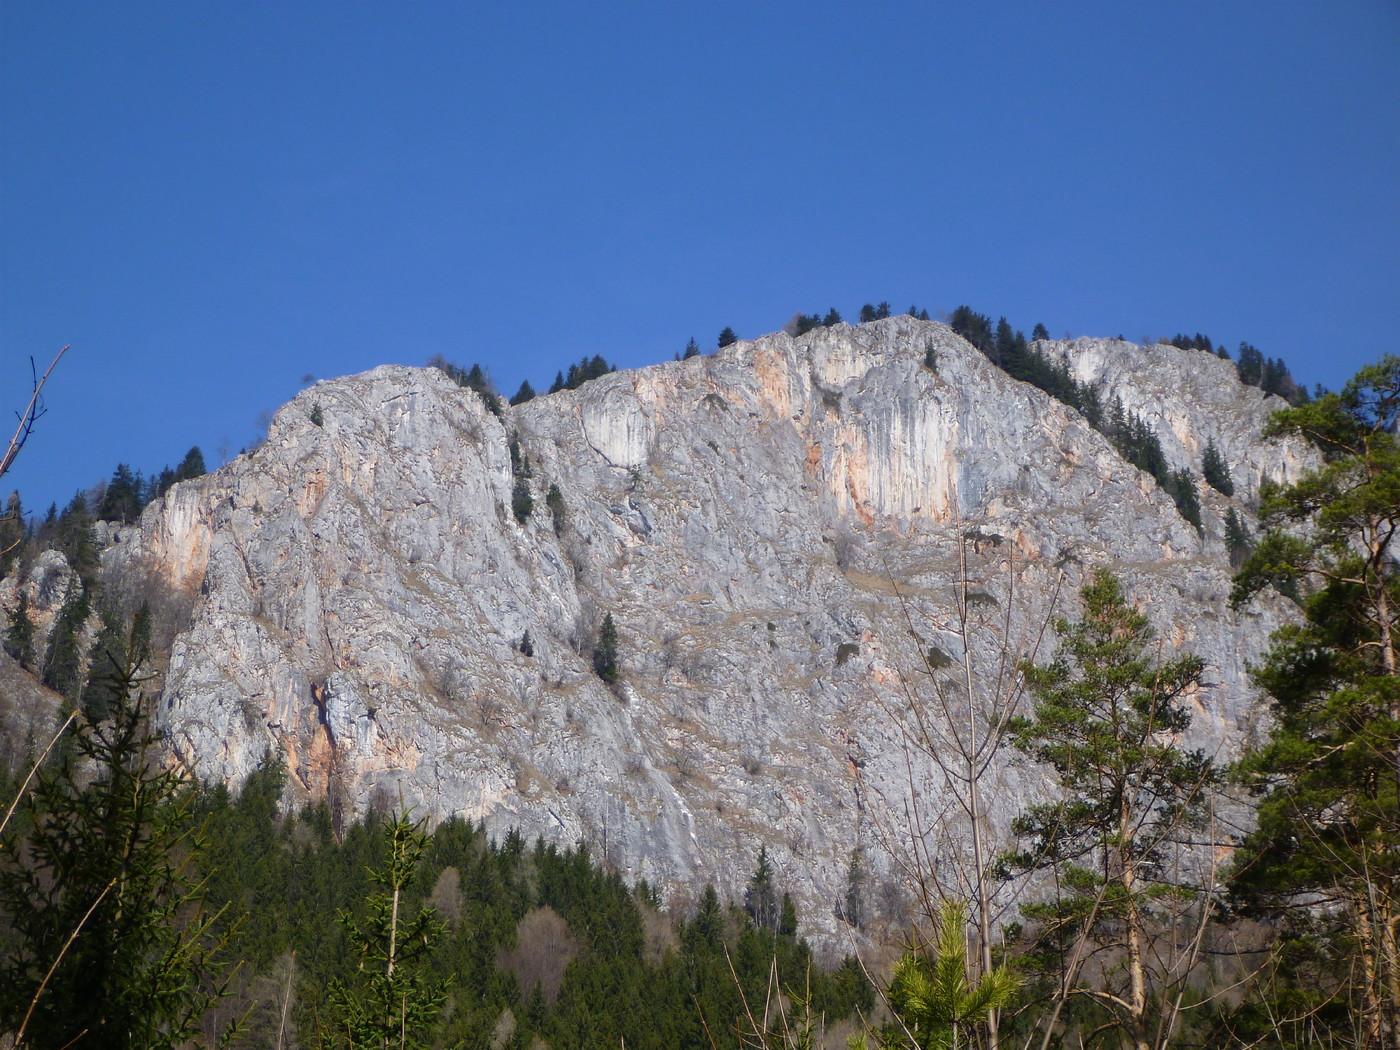 Rote wand rundwanderung ber die tyrnauer alm grazer bergland wandern gbl - Rote wand uberstreichen ...